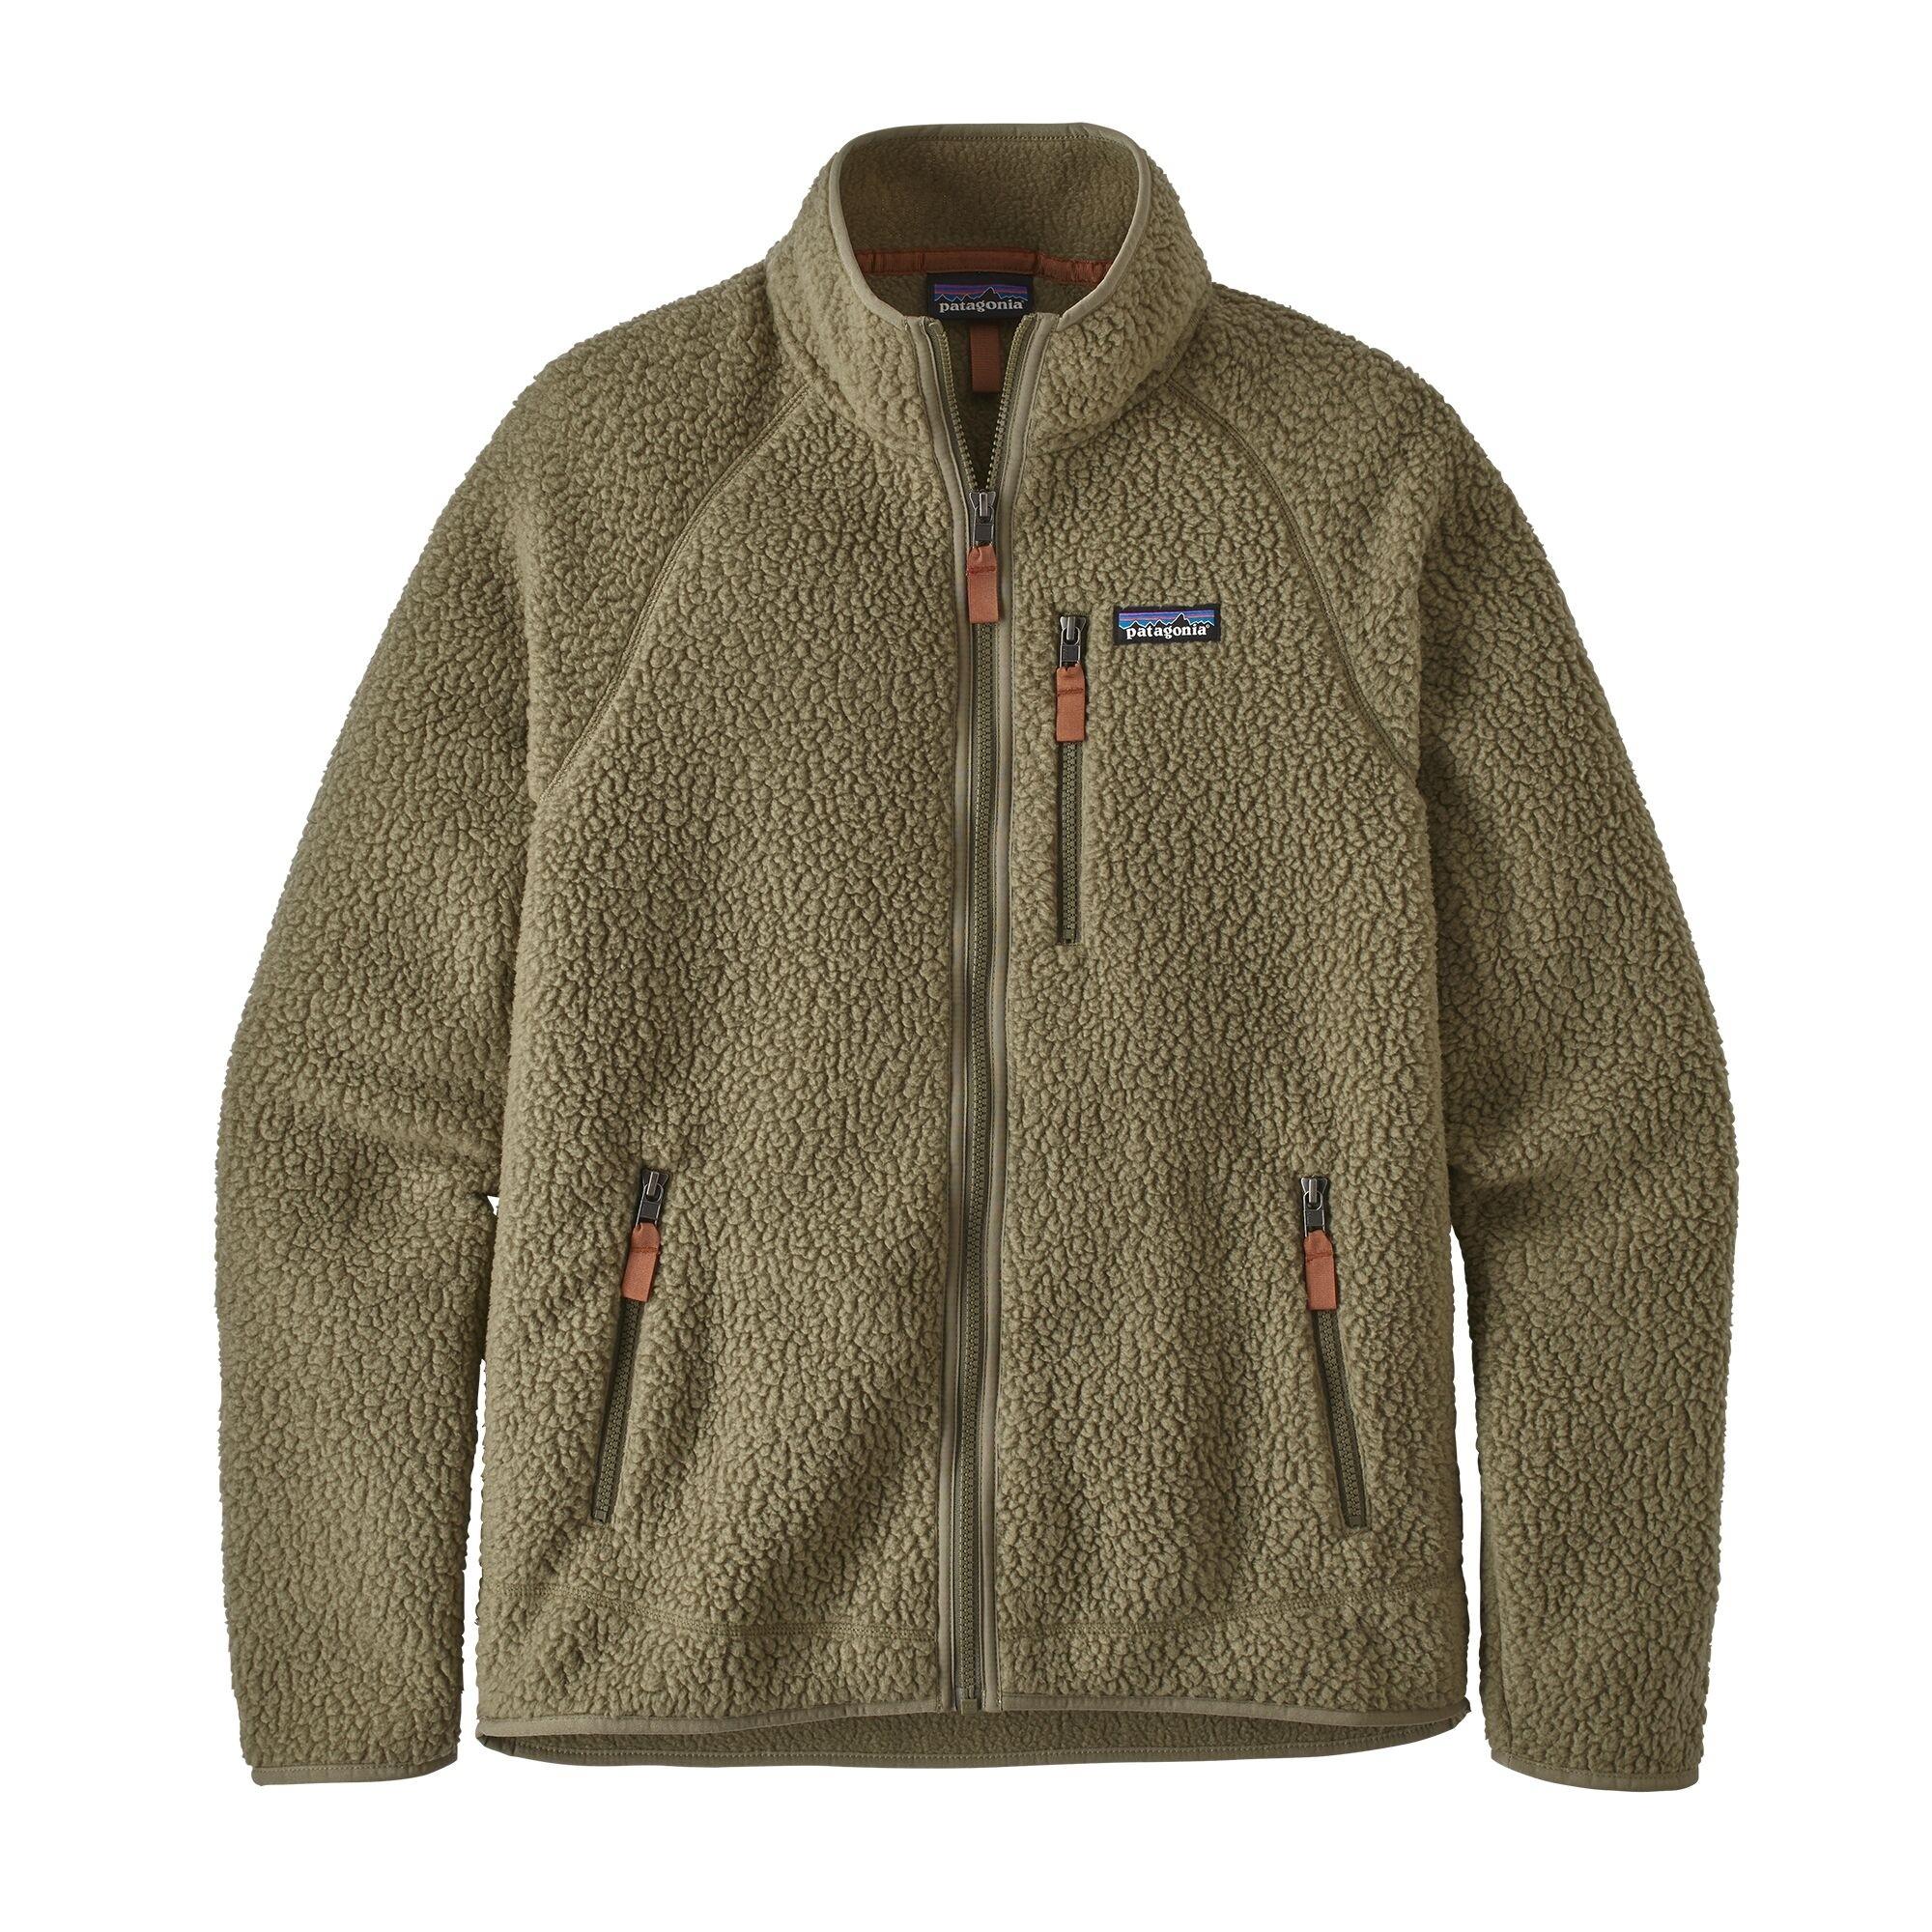 Patagonia Men's Retro Pile Fleece Jacket : Sage Khaki